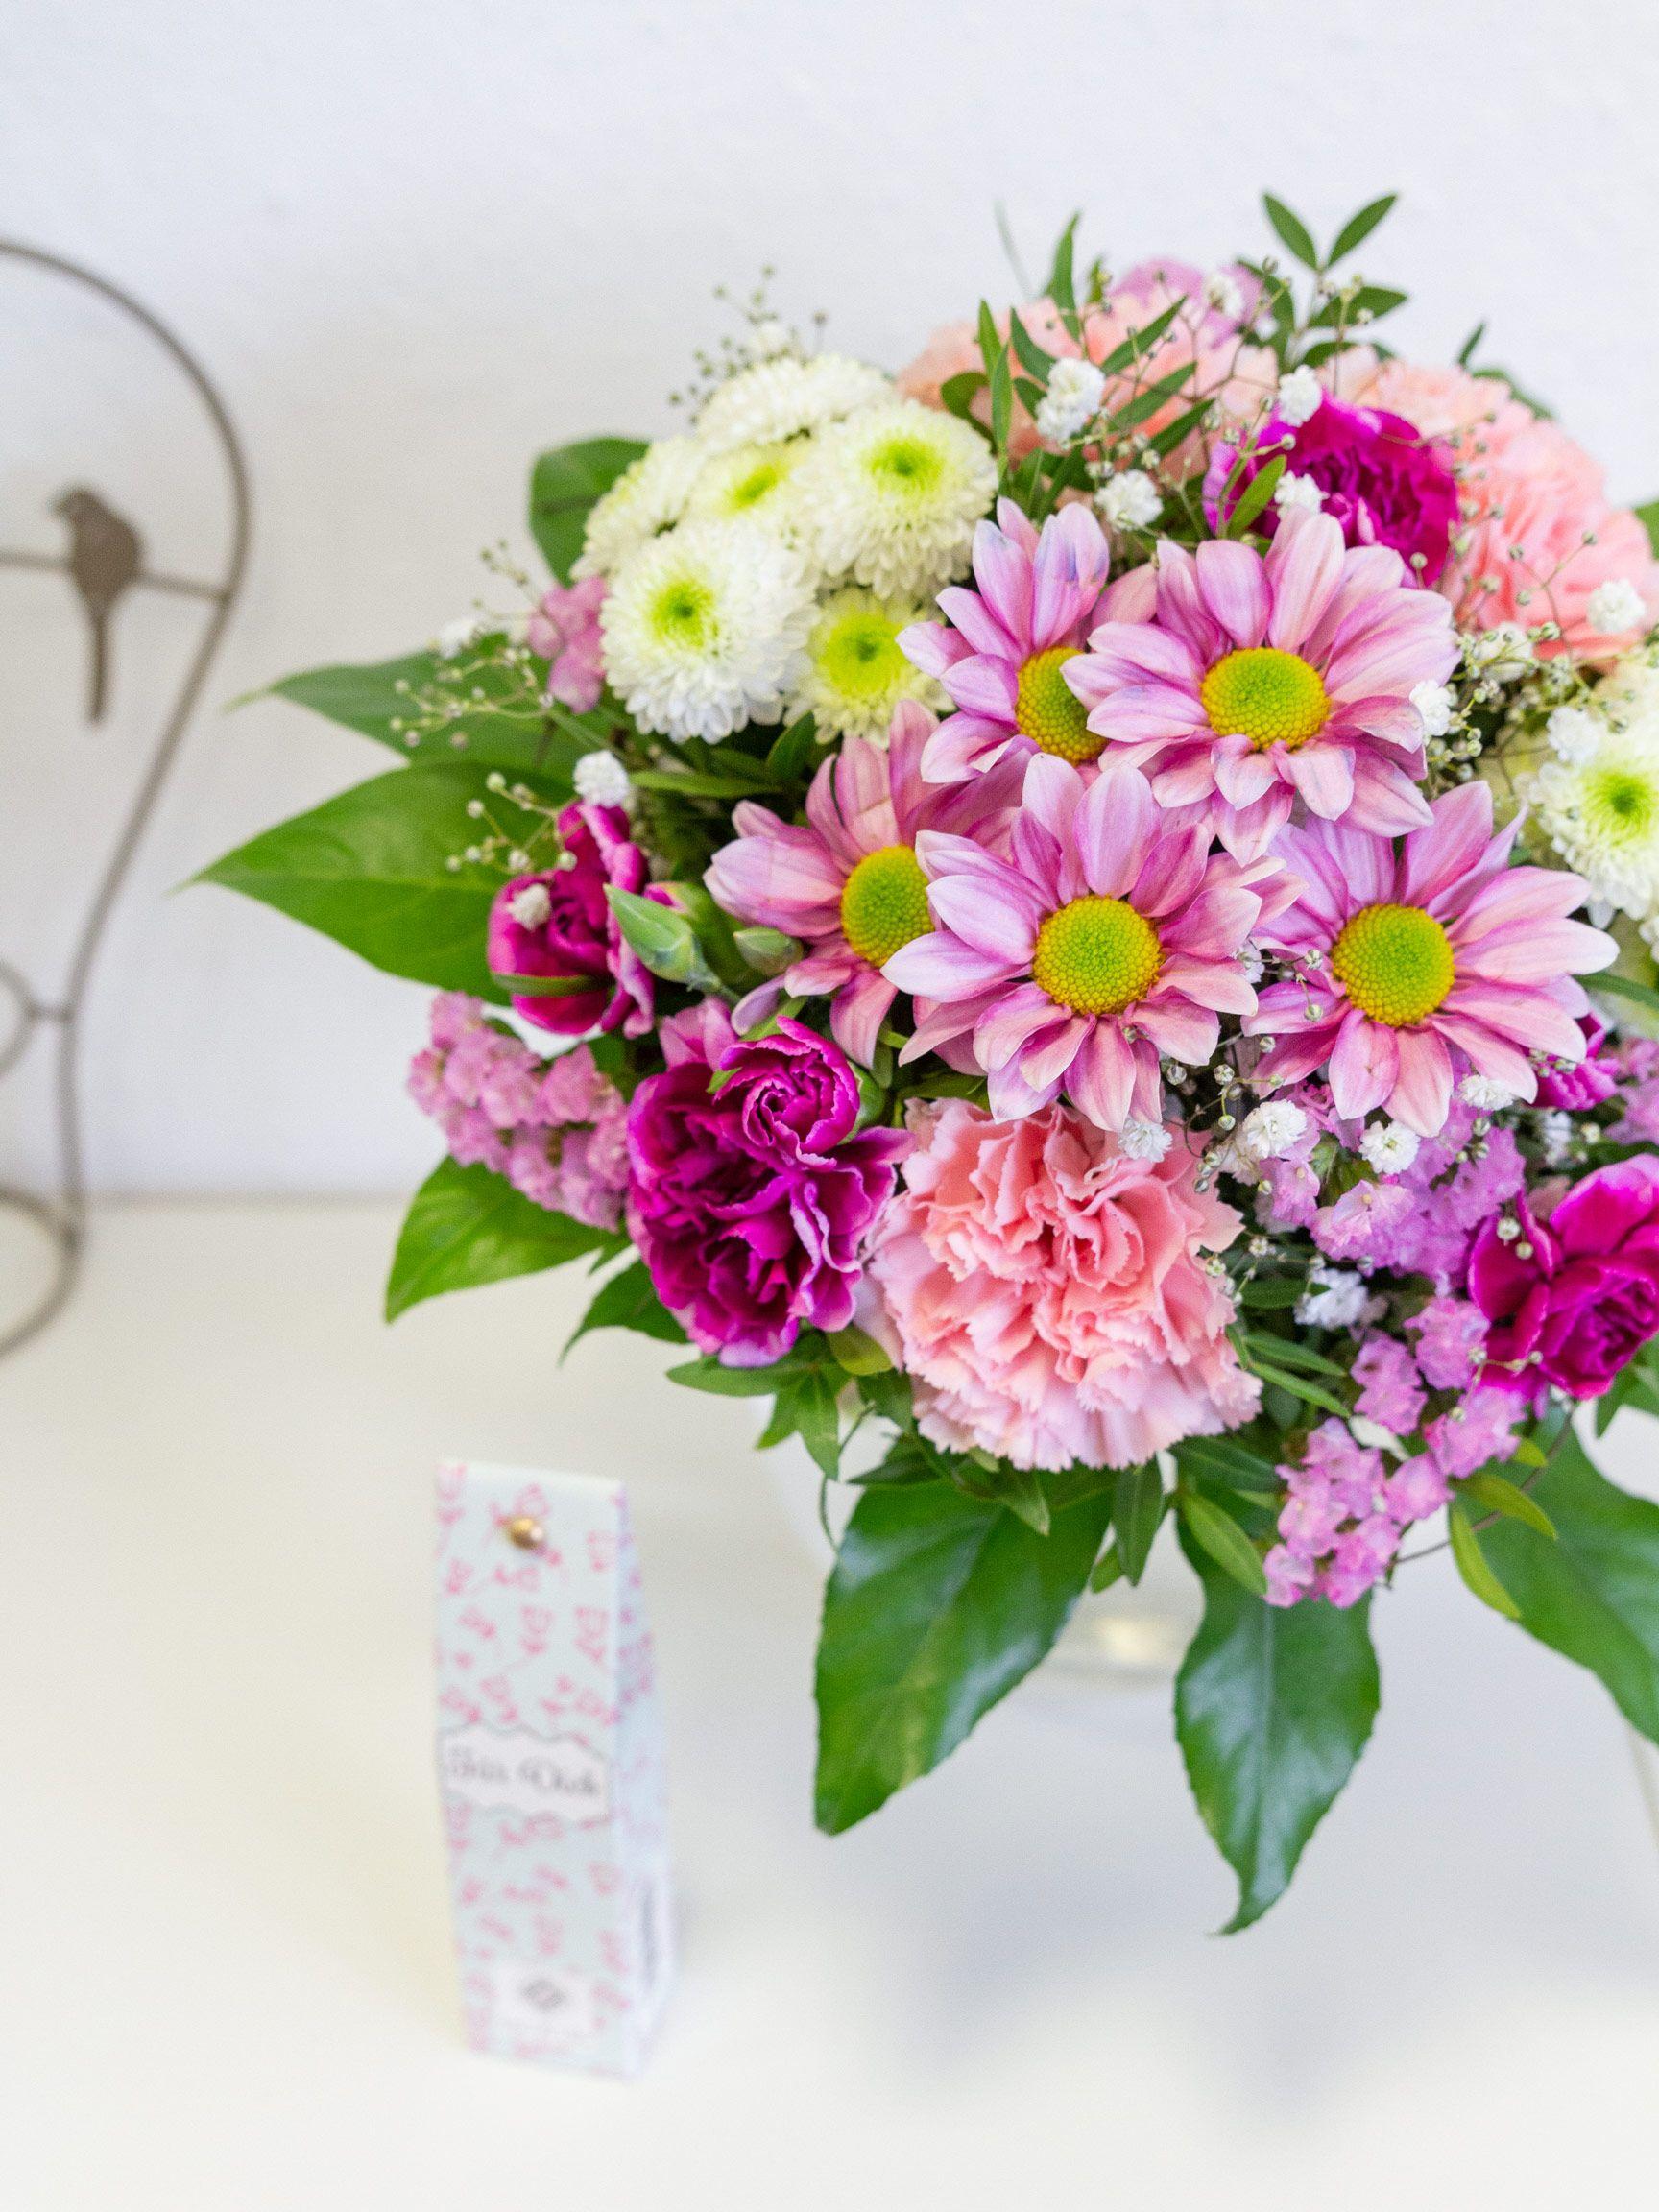 Blütenzauber Und Blütenrausch Pfingstrosen Handcreme Für Dich Jetzt Bestellen Bei Valentins Pfingstrosen Blumen Handcreme